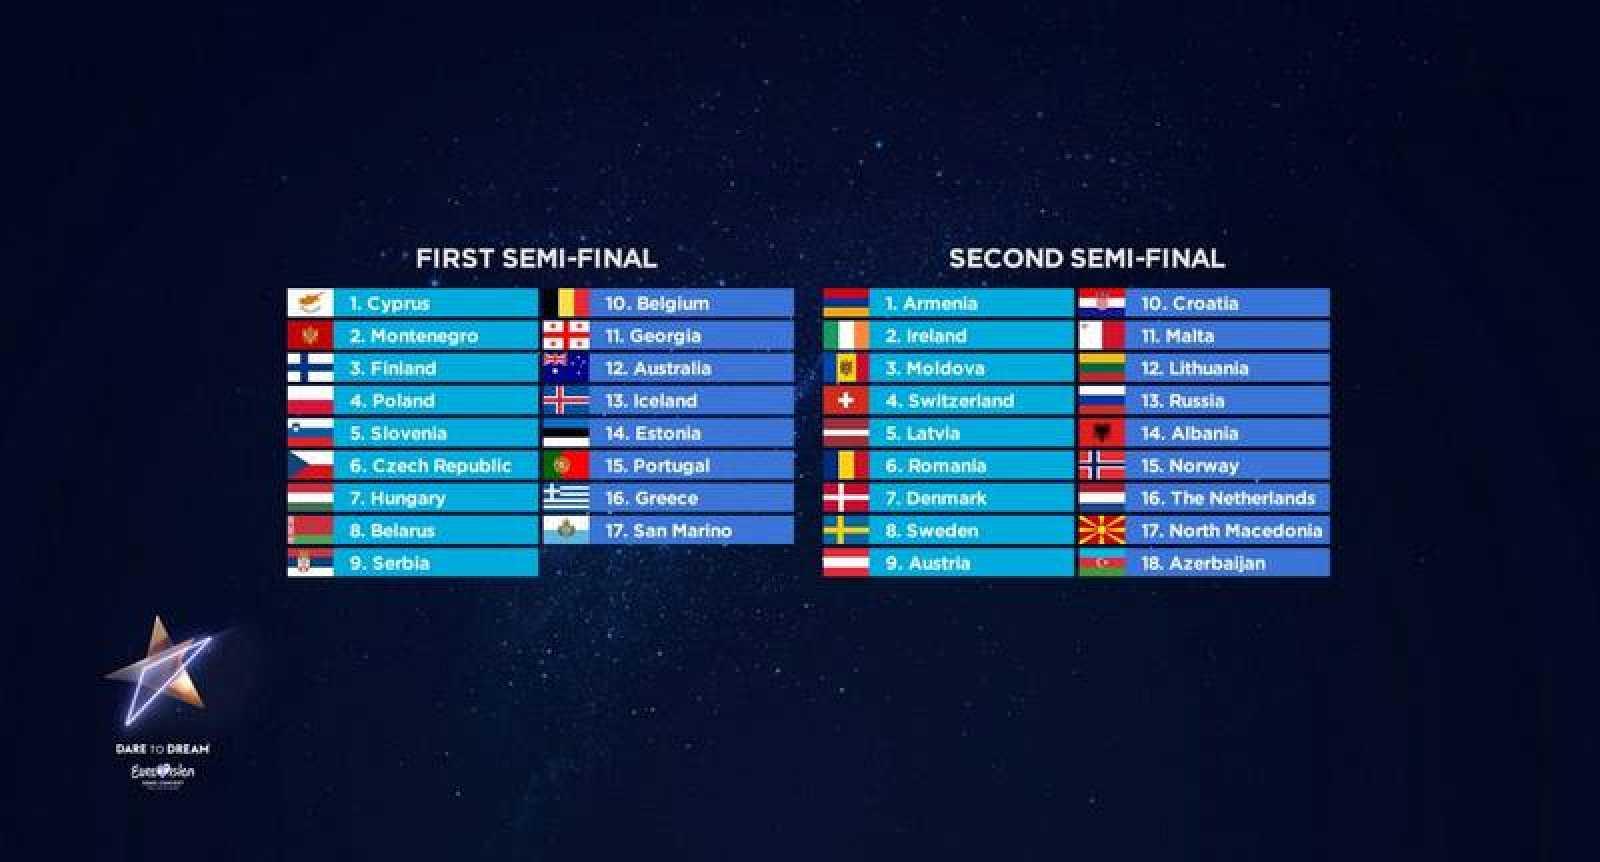 Orden de actuación de las semifinales de Eurovisión 2019